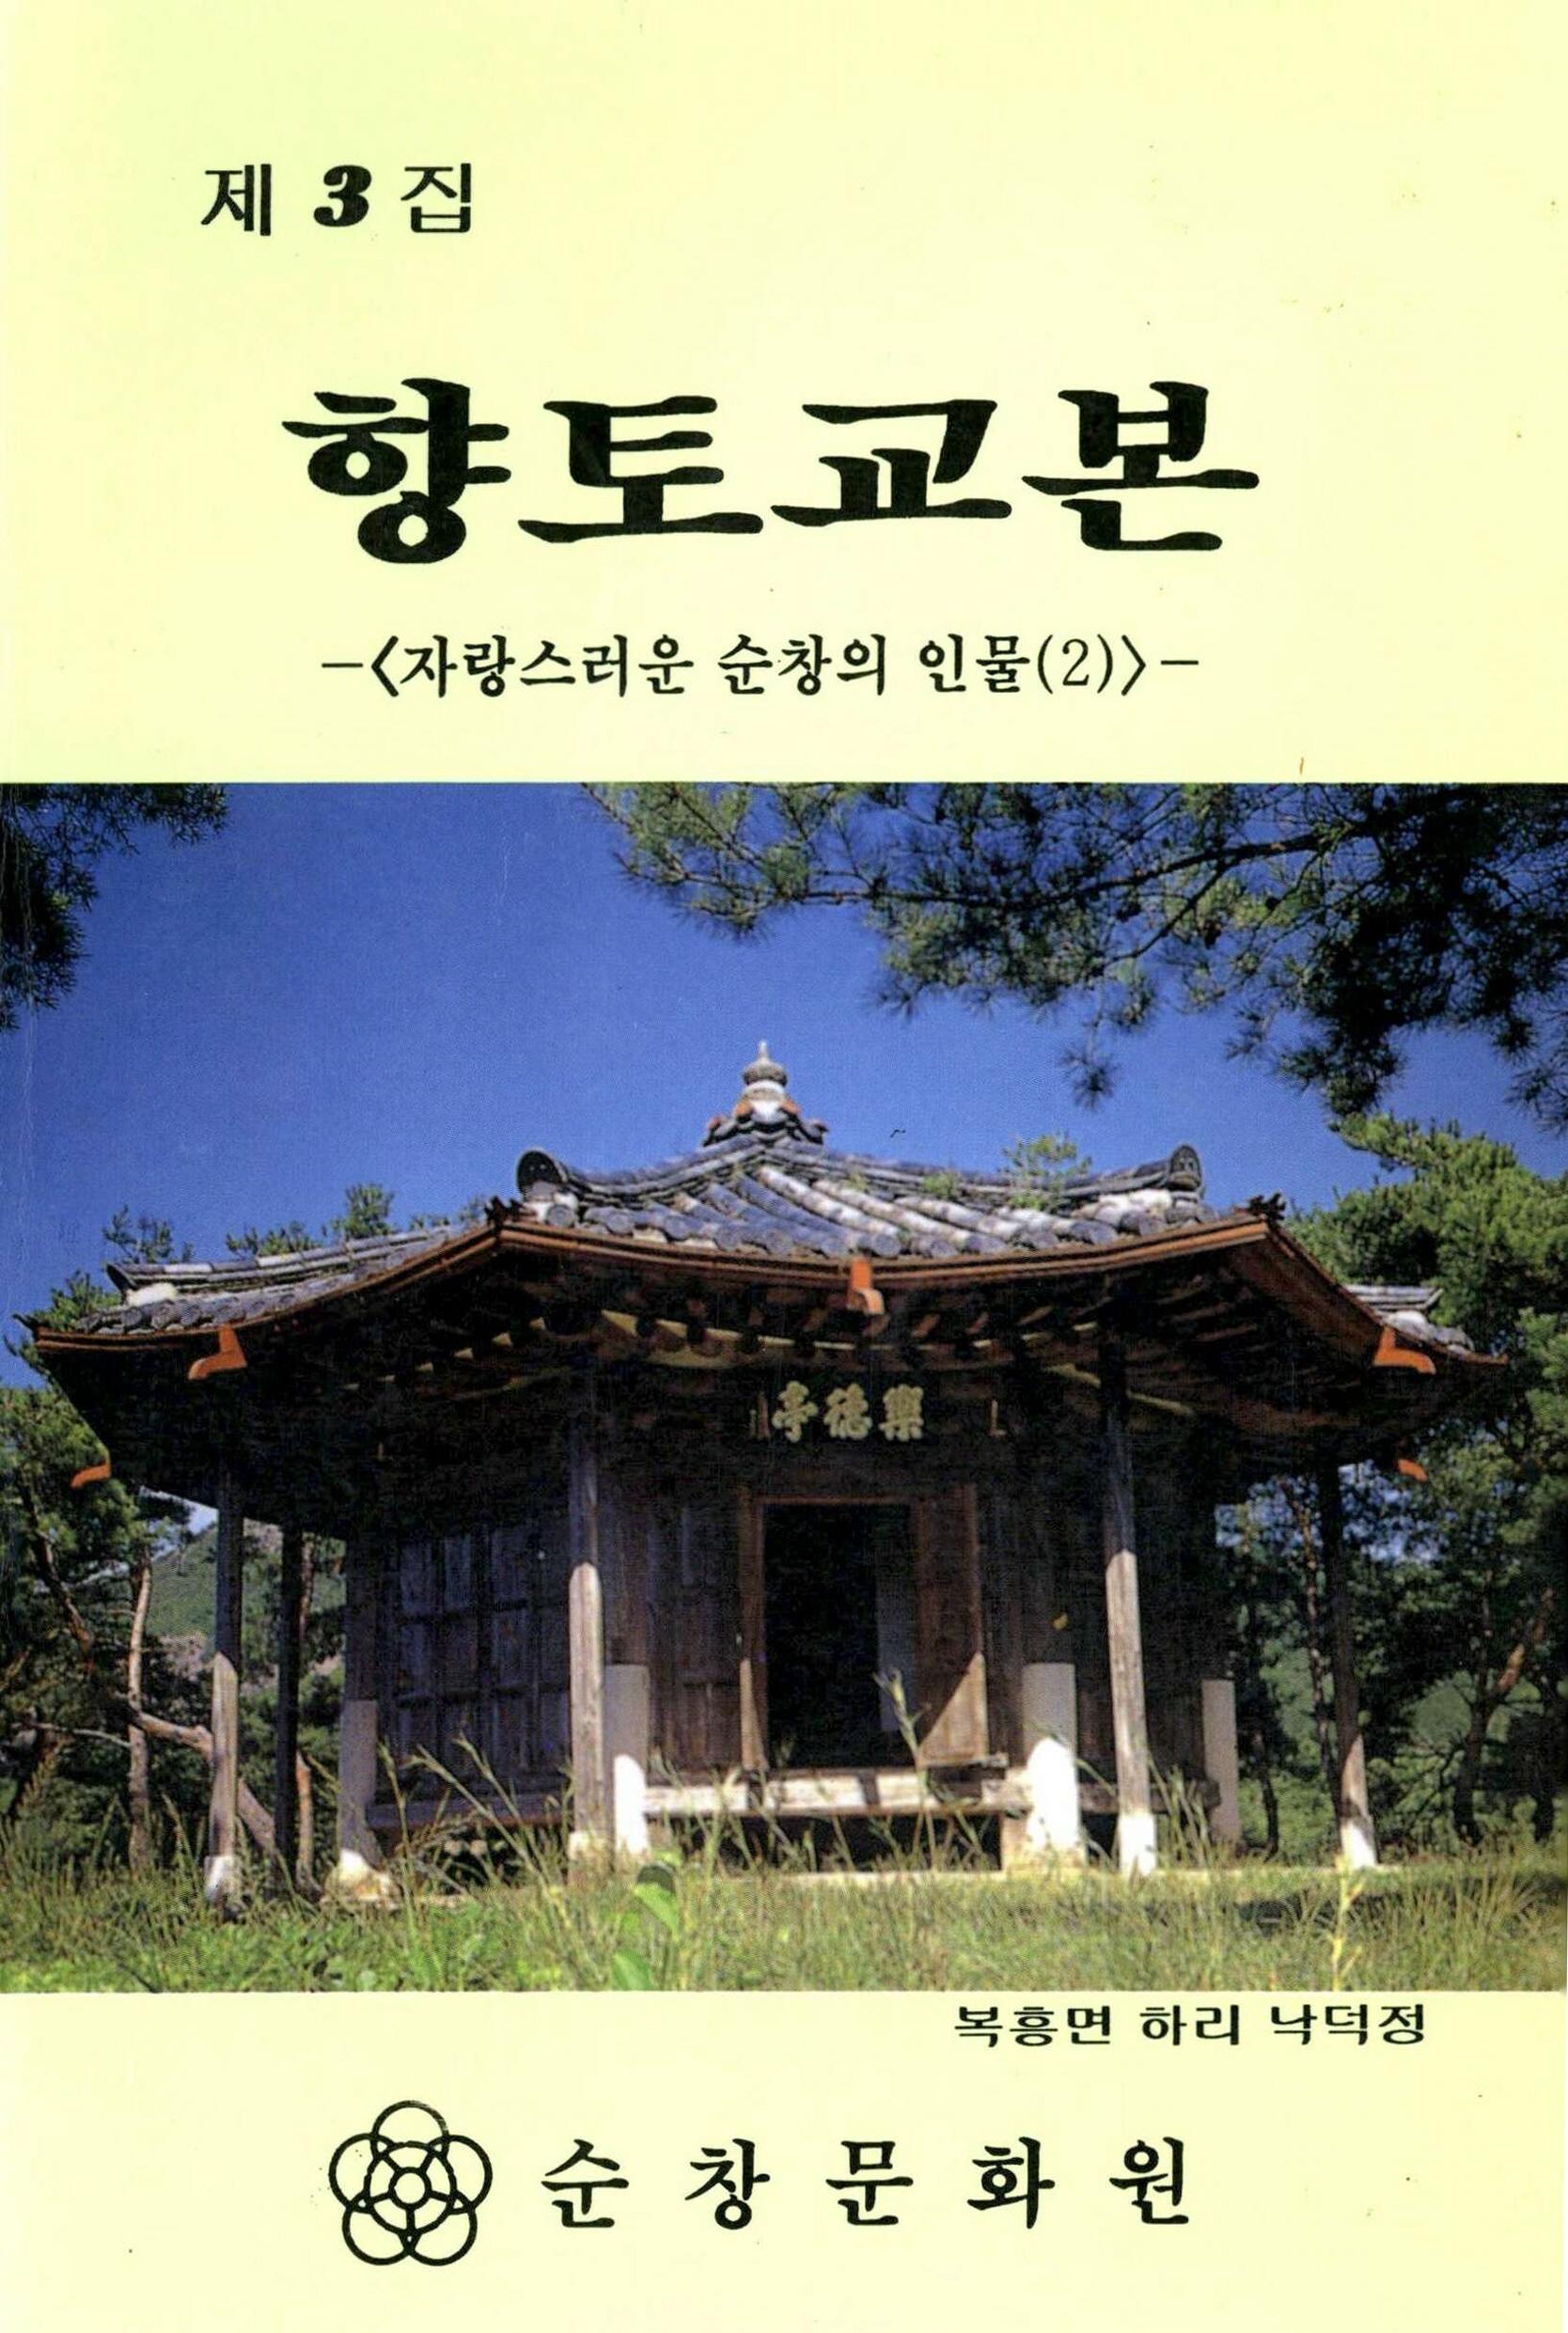 1992 제3집 향토교본-자랑스런 순창의 인물 Ⅱ